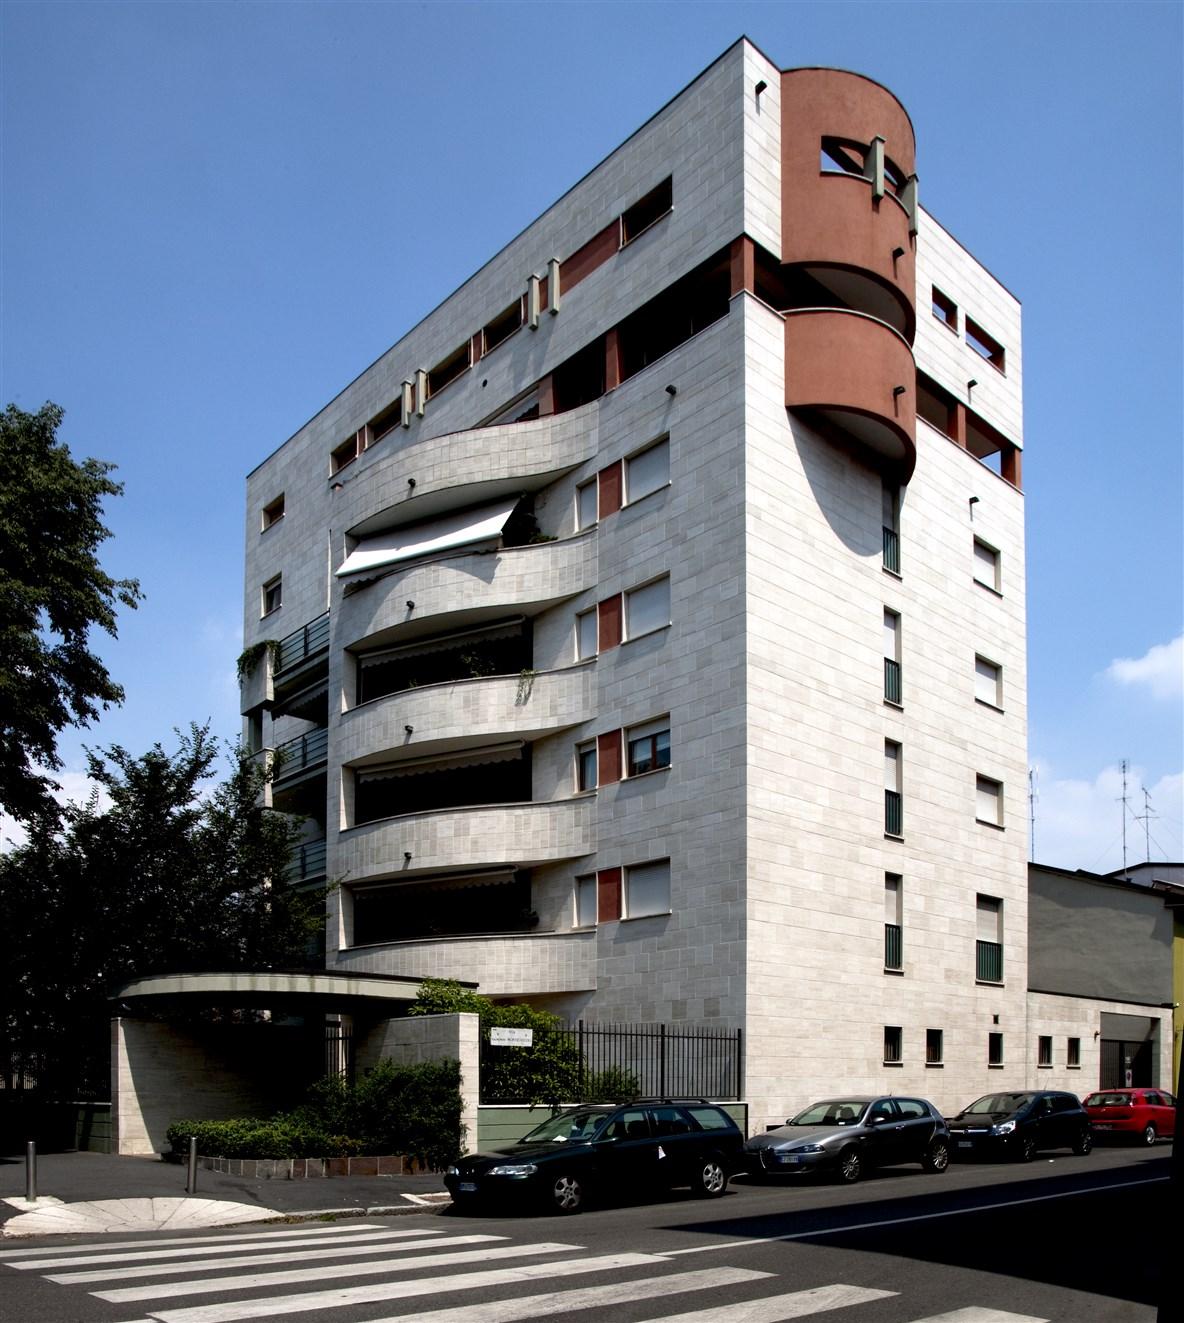 2000 - Via Primaticcio 164